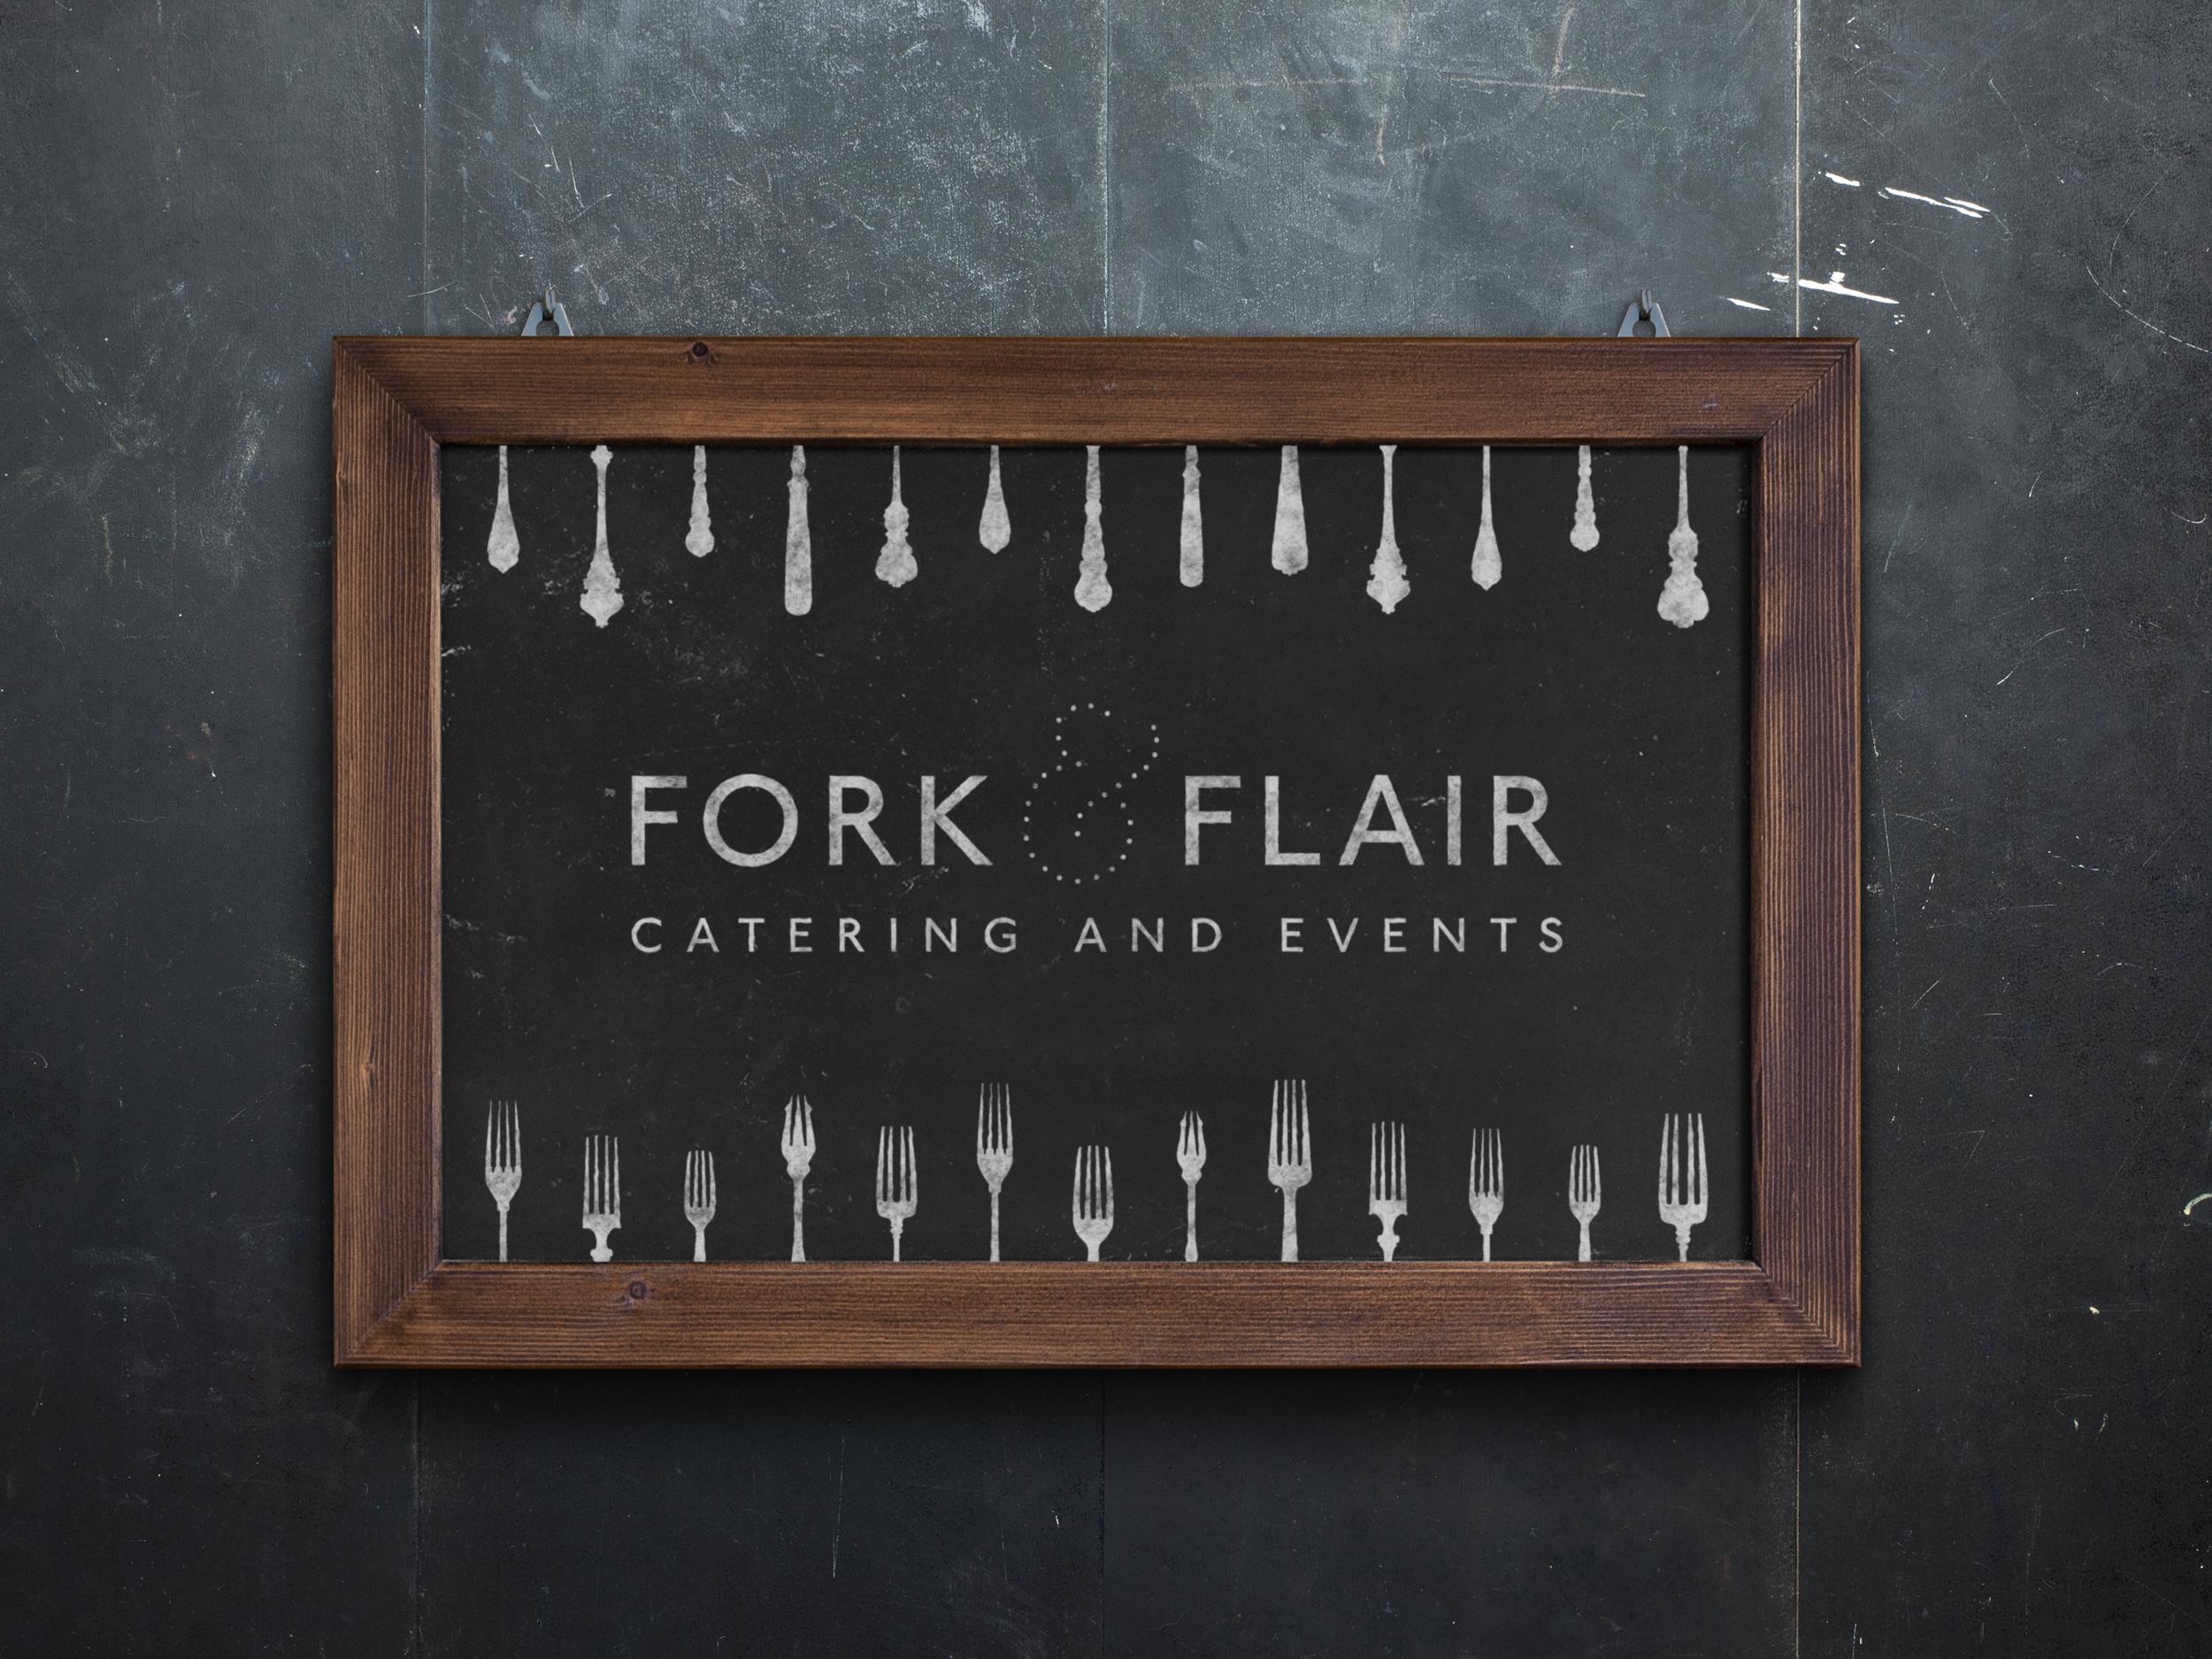 ff_chalkboard.jpg